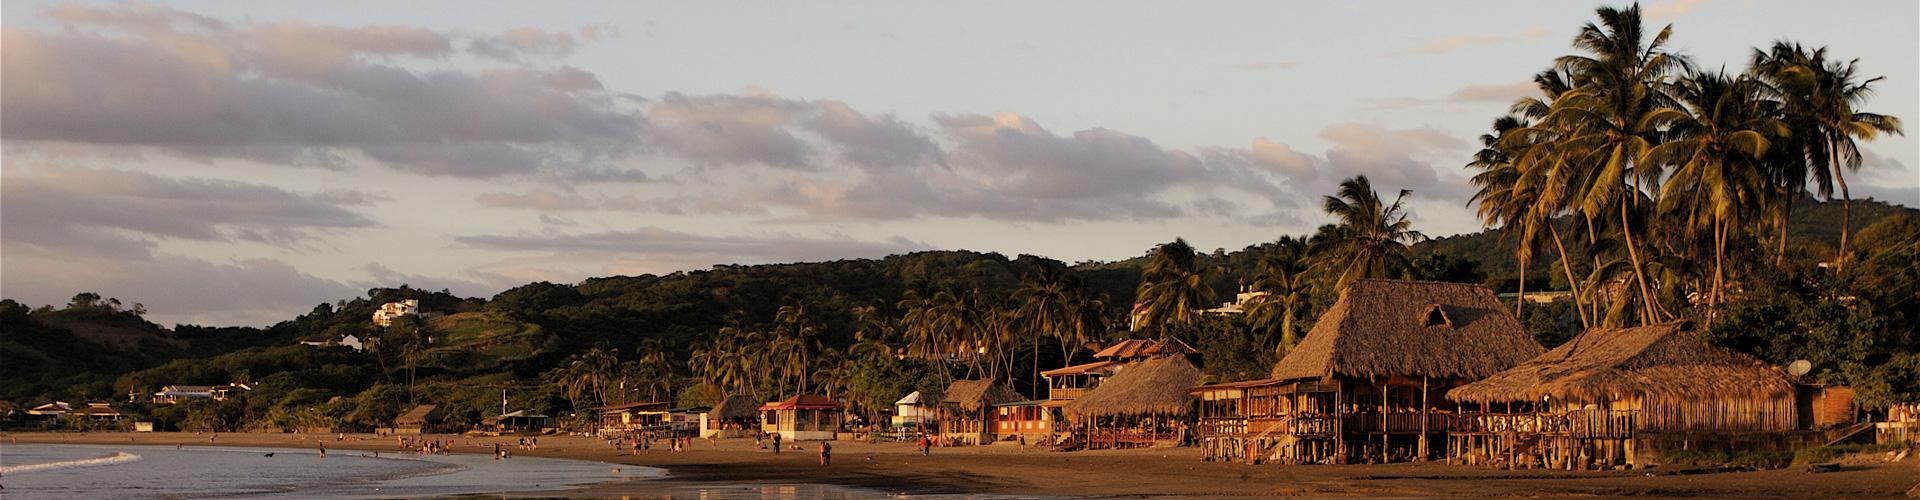 Best of Nicaragua